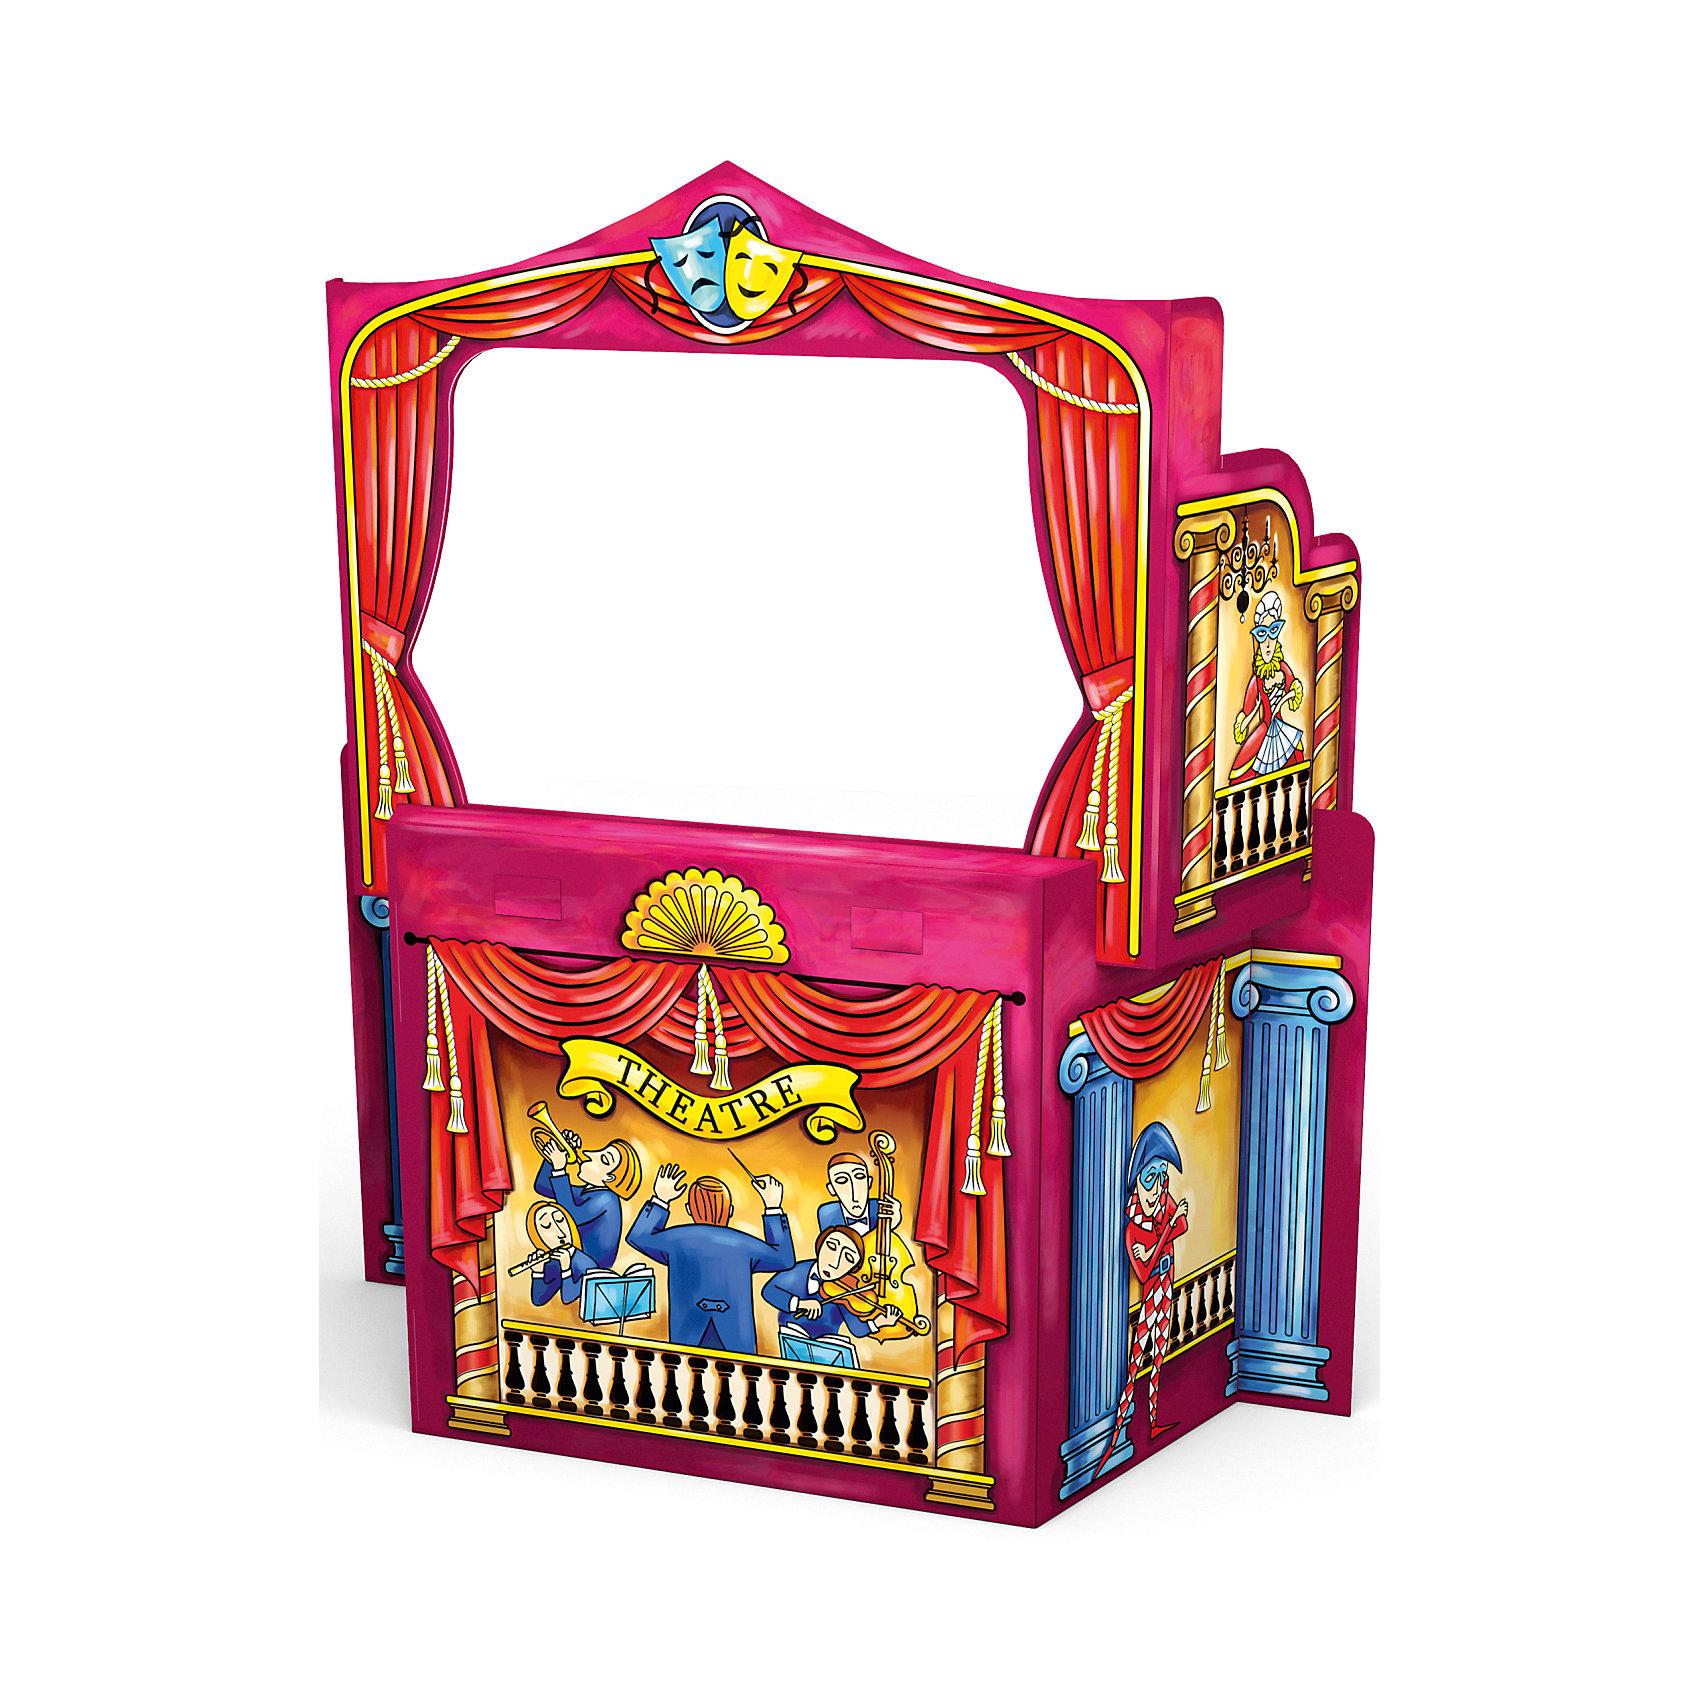 Игровой конструктор  для раскрашивания Кукольный театр,  Artberry от ErichKrauseНаборы для раскрашивания<br>Игровой конструктор для раскрашивания Puppet Theatre, Artberry, Erich Krause.<br><br>Характеристики:<br><br>• Для детей в возрасте: от 3 лет<br>• Комплектация: детали для сборки кукольного театра 6 шт, гелевые цветные мелки 6 шт.<br>• Размер в собранном виде: 120х39х108 см.<br>• Материал: картон<br>• Размер упаковки: 93х62х4 см.<br>• Вес: 1,75 кг.<br><br>С конструктором Puppet Theatre от Erich Krause ваш ребенок соберет кукольный театр и раскрасит его супер яркими гелевыми мелками. Сборка не требует клея и ножниц. Собранный кукольный театр имеет достаточно устойчивую конструкцию. Игровой конструктор для раскрашивания Puppet Theatre, Artberry, Erich Krause поможет развить не только творческие способности ребенка, но и мелкую моторику, художественный вкус, логику, внимательность и умение нестандартно мыслить.<br><br>Игровой конструктор для раскрашивания Puppet Theatre, Artberry, Erich Krause можно купить в нашем интернет-магазине.<br><br>Ширина мм: 940<br>Глубина мм: 620<br>Высота мм: 40<br>Вес г: 1750<br>Возраст от месяцев: 60<br>Возраст до месяцев: 180<br>Пол: Женский<br>Возраст: Детский<br>SKU: 5543351